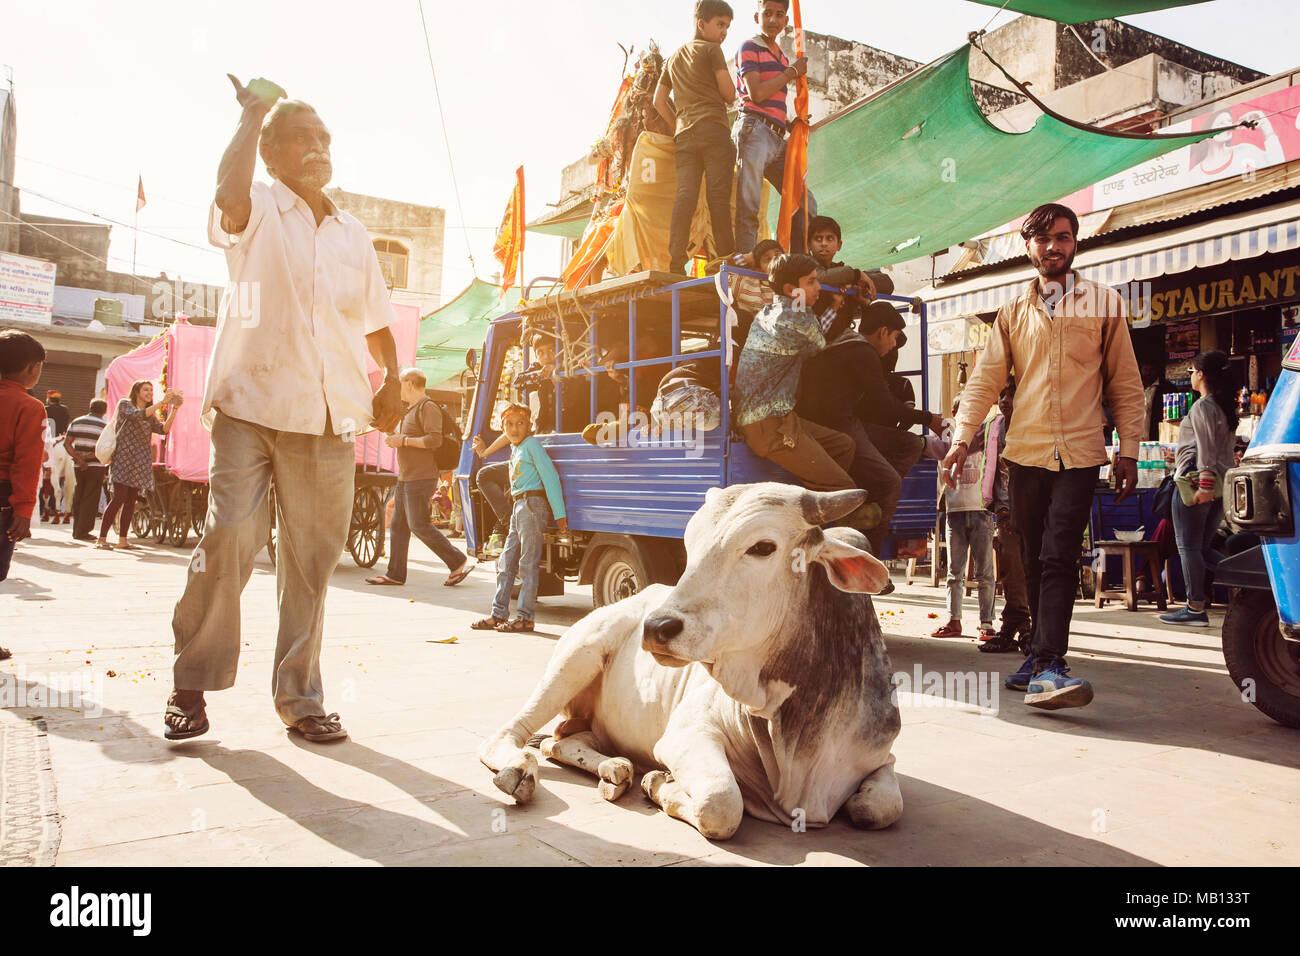 Holy Cow dans le trafic de rue de la ville de Pushkar, Inde, le 13 février 2018 Photo Stock